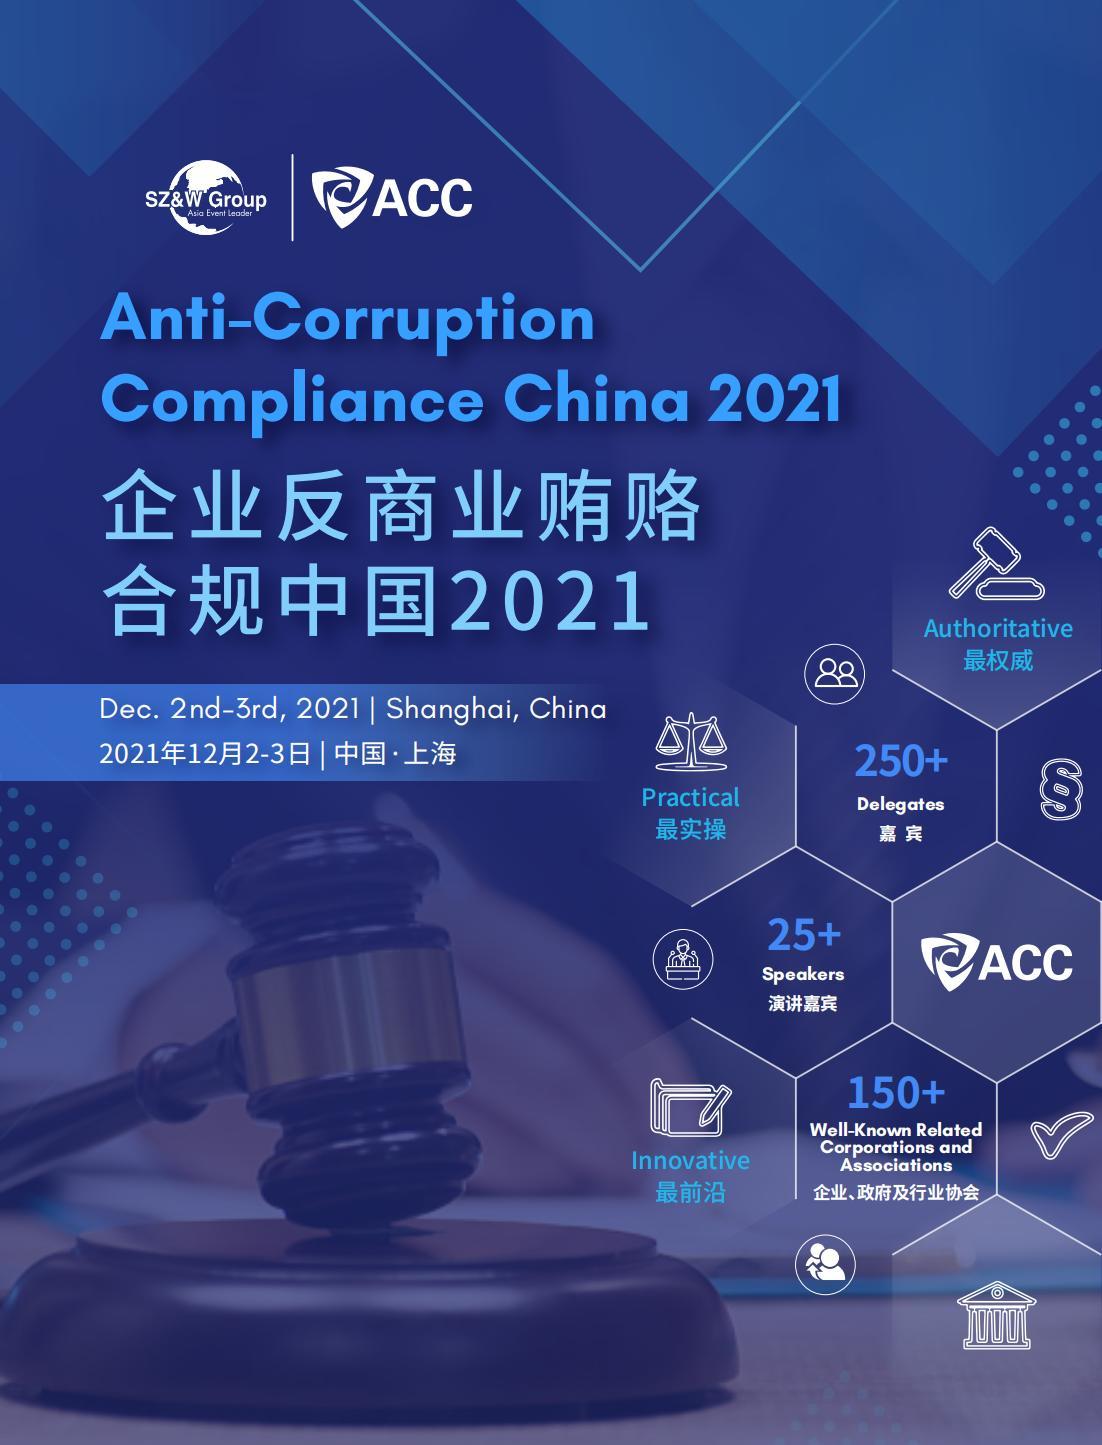 企业合规论坛火热开启!企业反商业贿赂合规中国2021